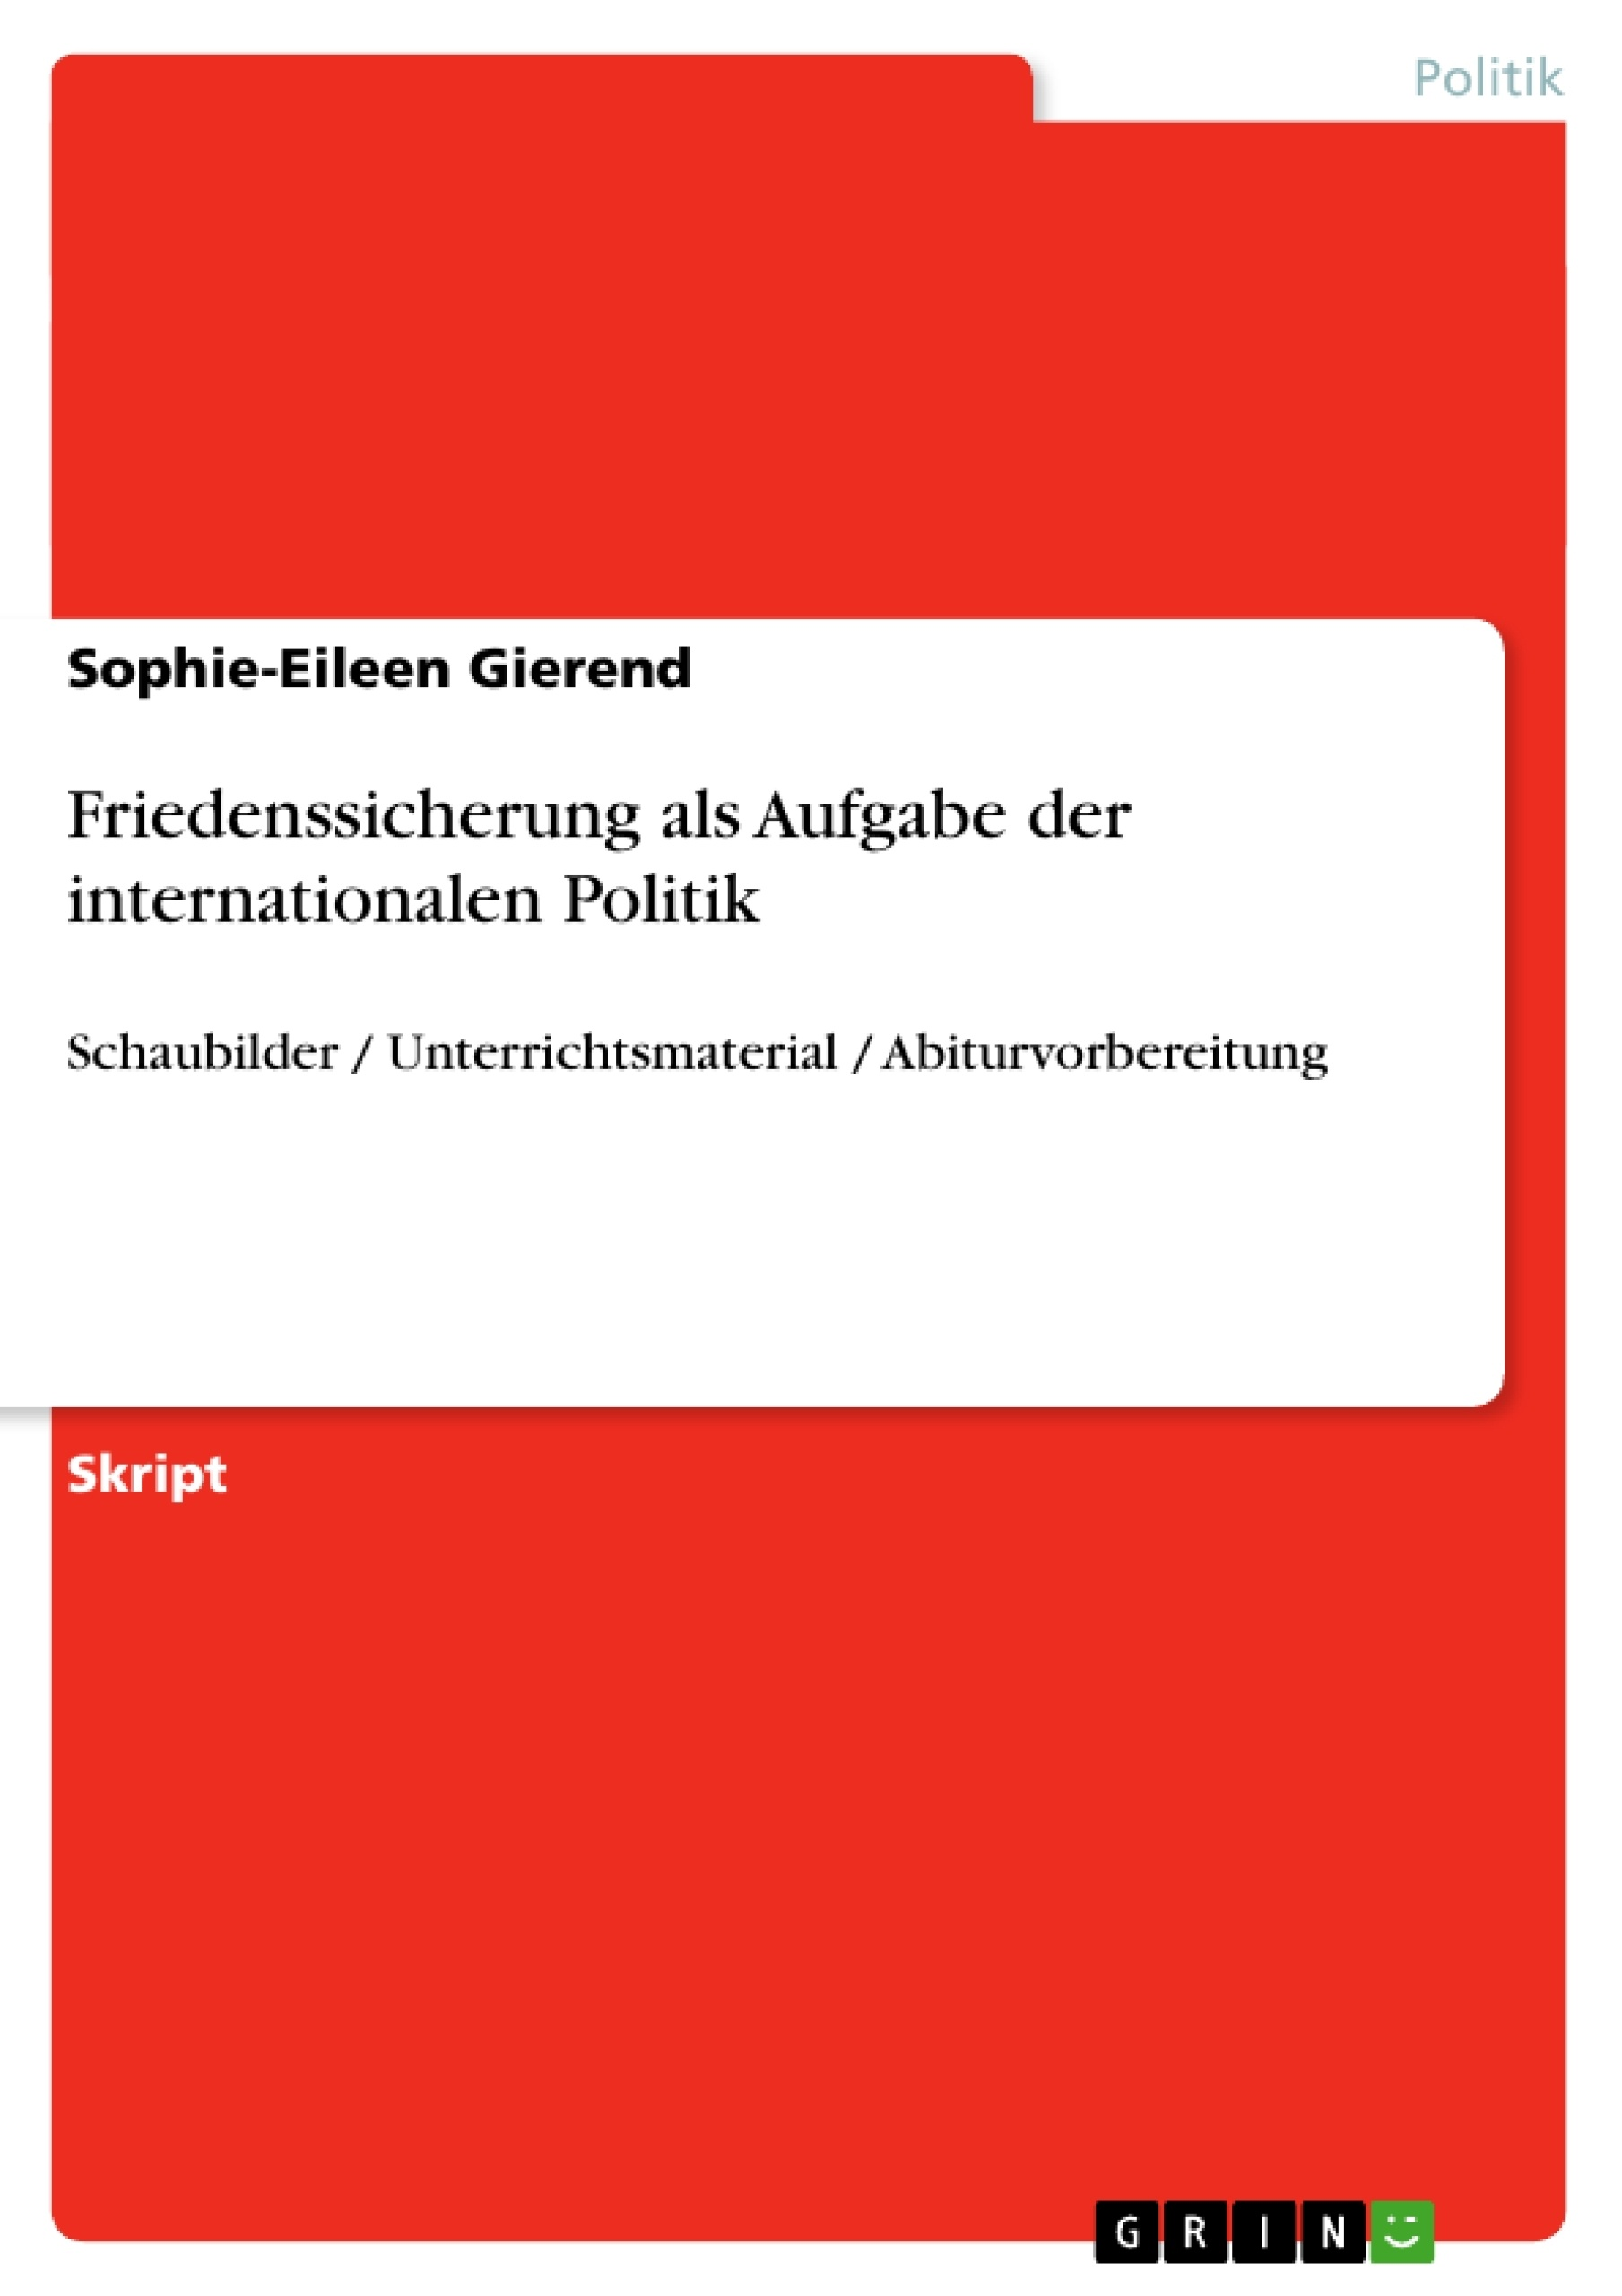 Titel: Friedenssicherung als Aufgabe der internationalen Politik